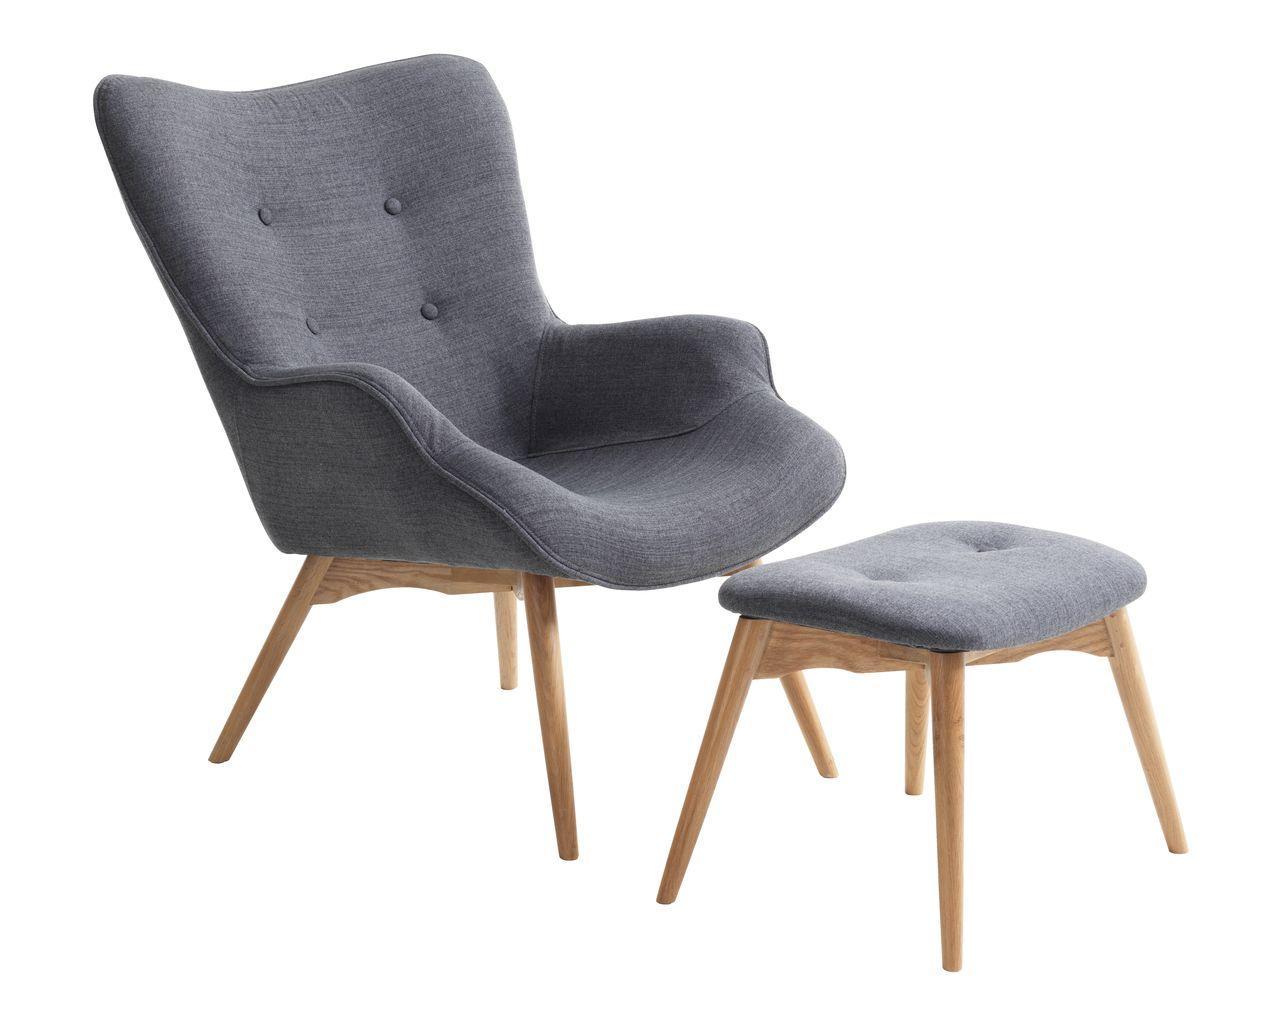 Кресло с пуфиком для ног